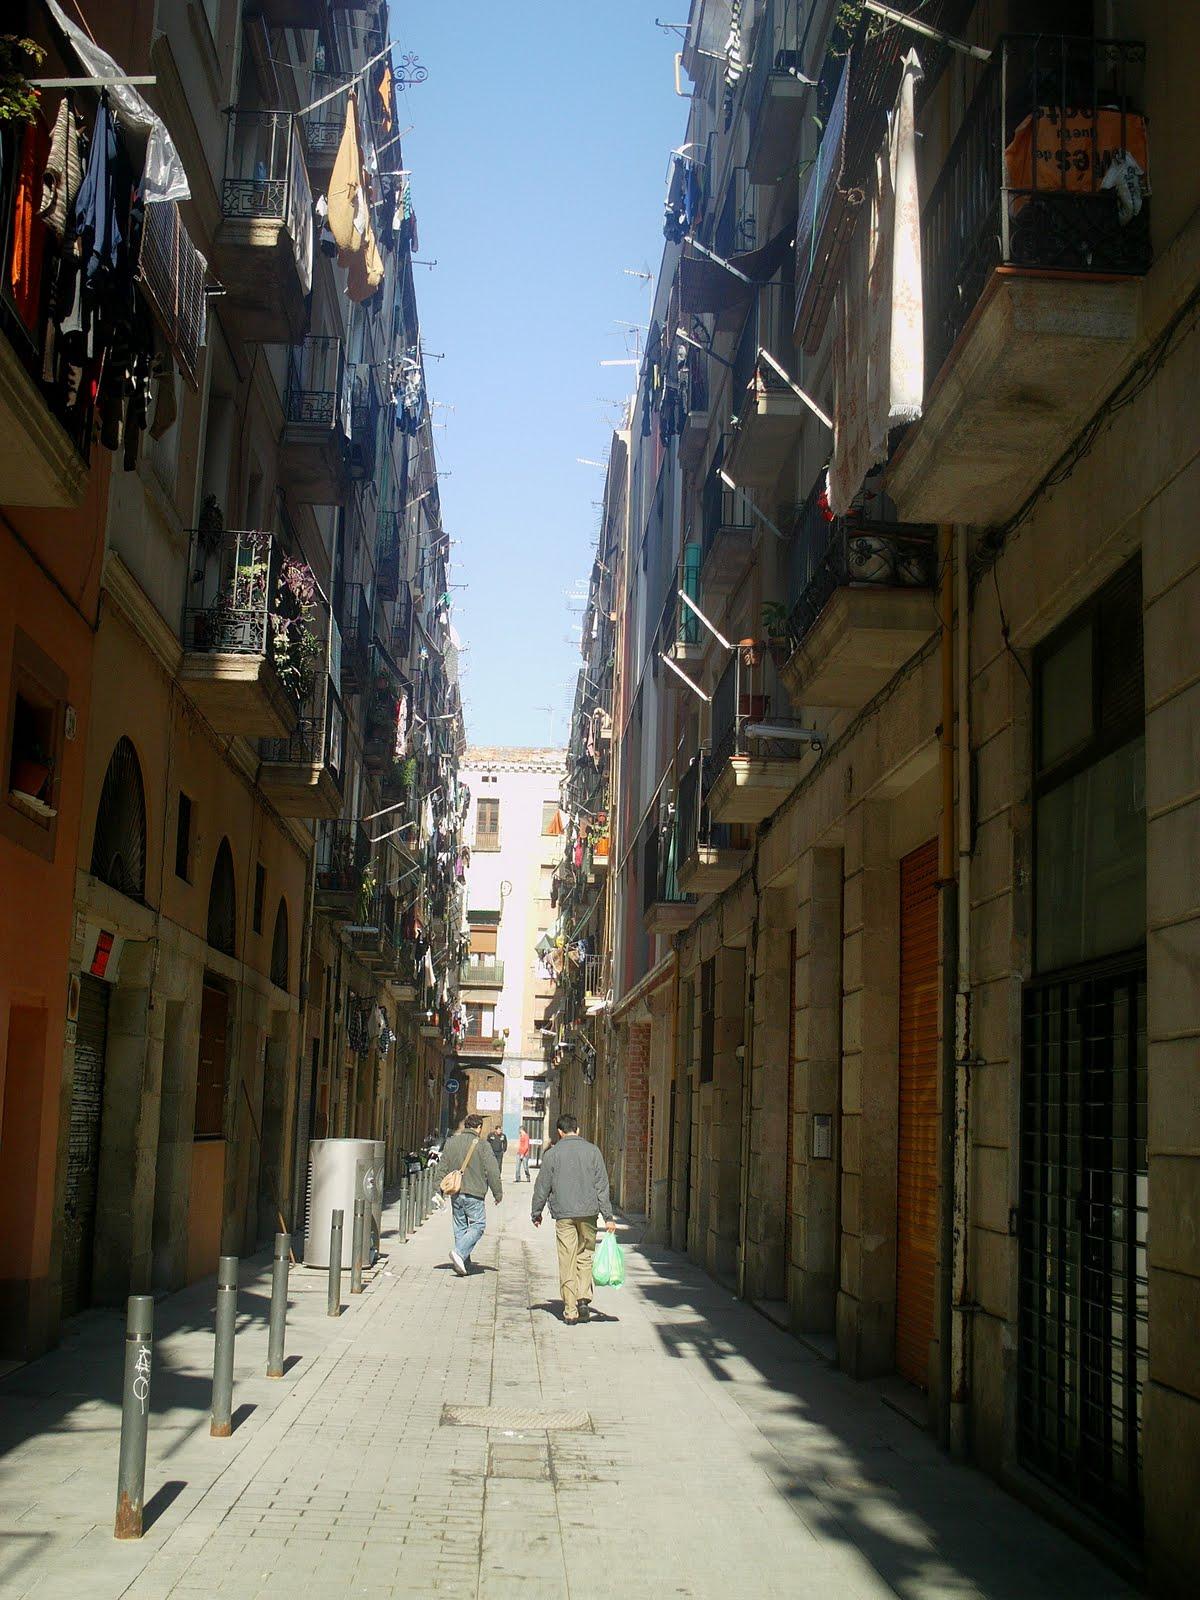 prostitutas escaparates amsterdam prostitutas del barroco